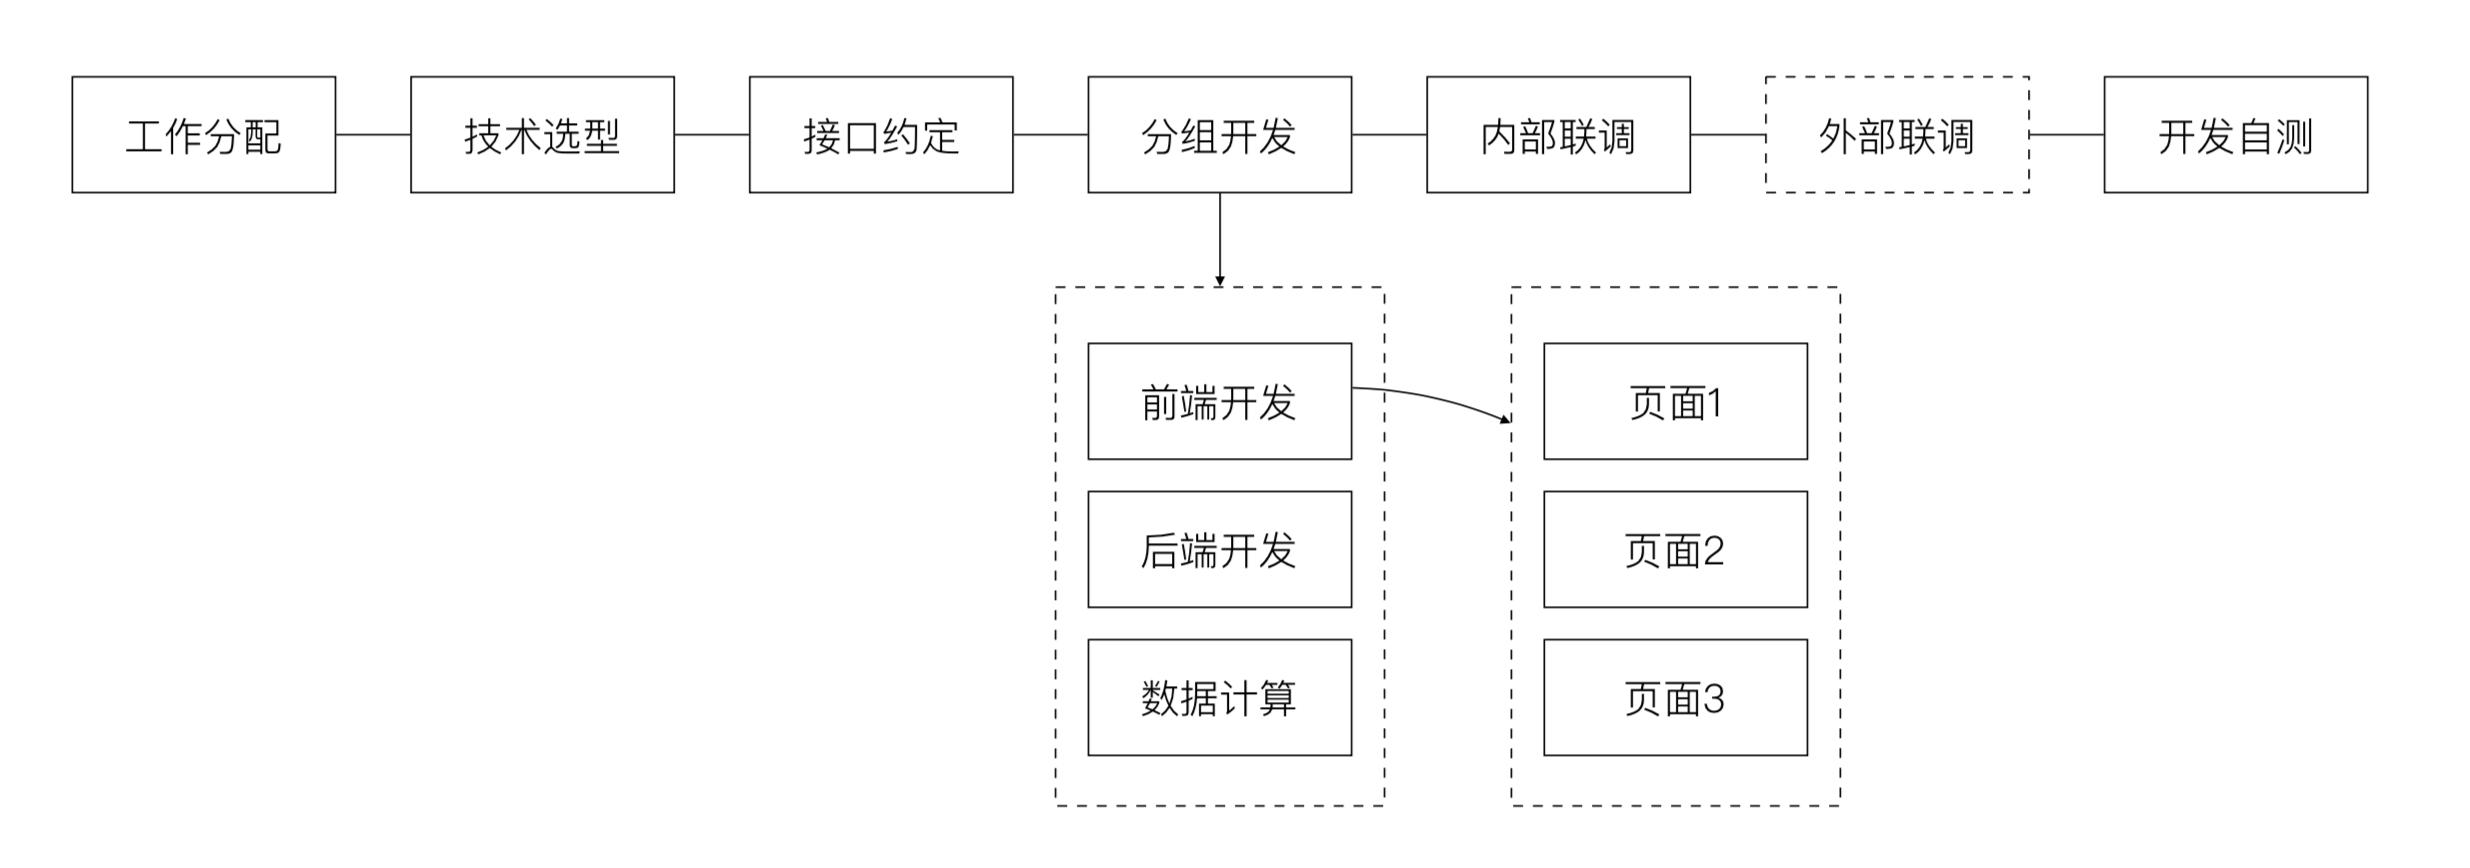 开发流程.png